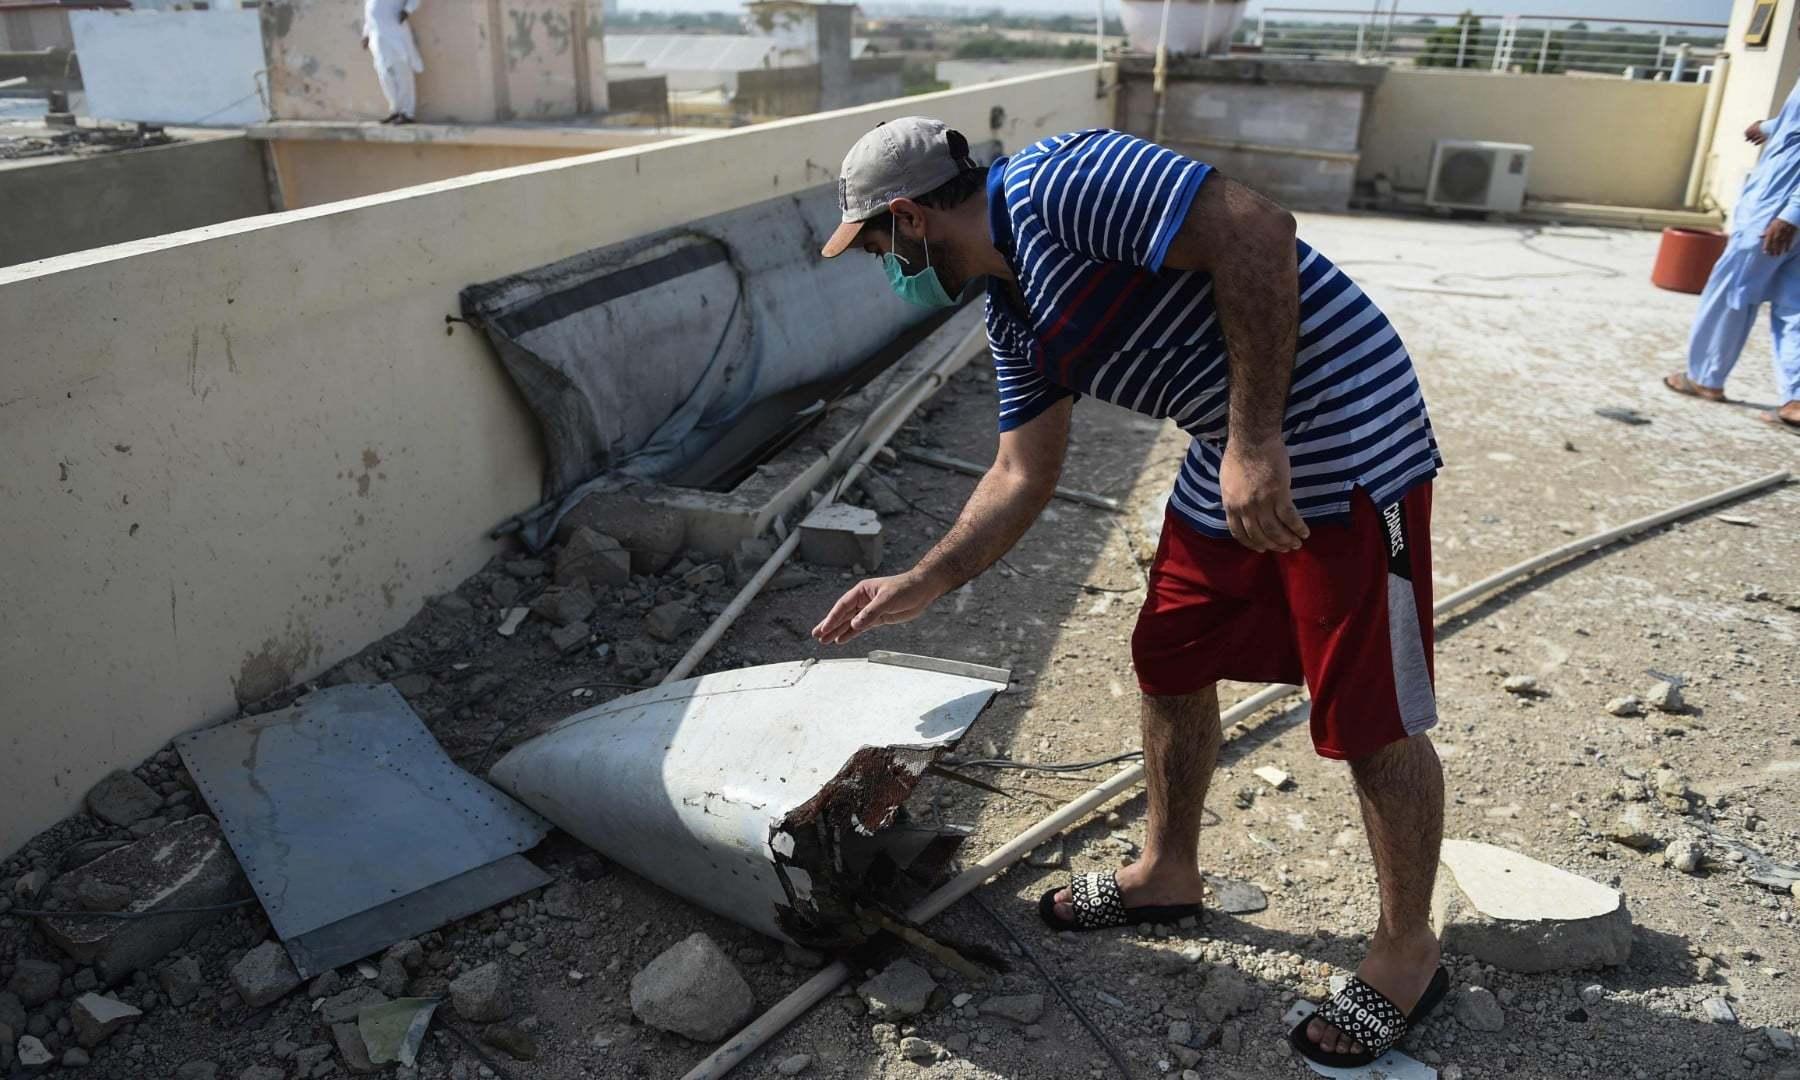 جہاز کے ٹکڑے گھروں کی چھتوں پر بکھرے پڑے ہیں—فوٹو:اے ایف پی